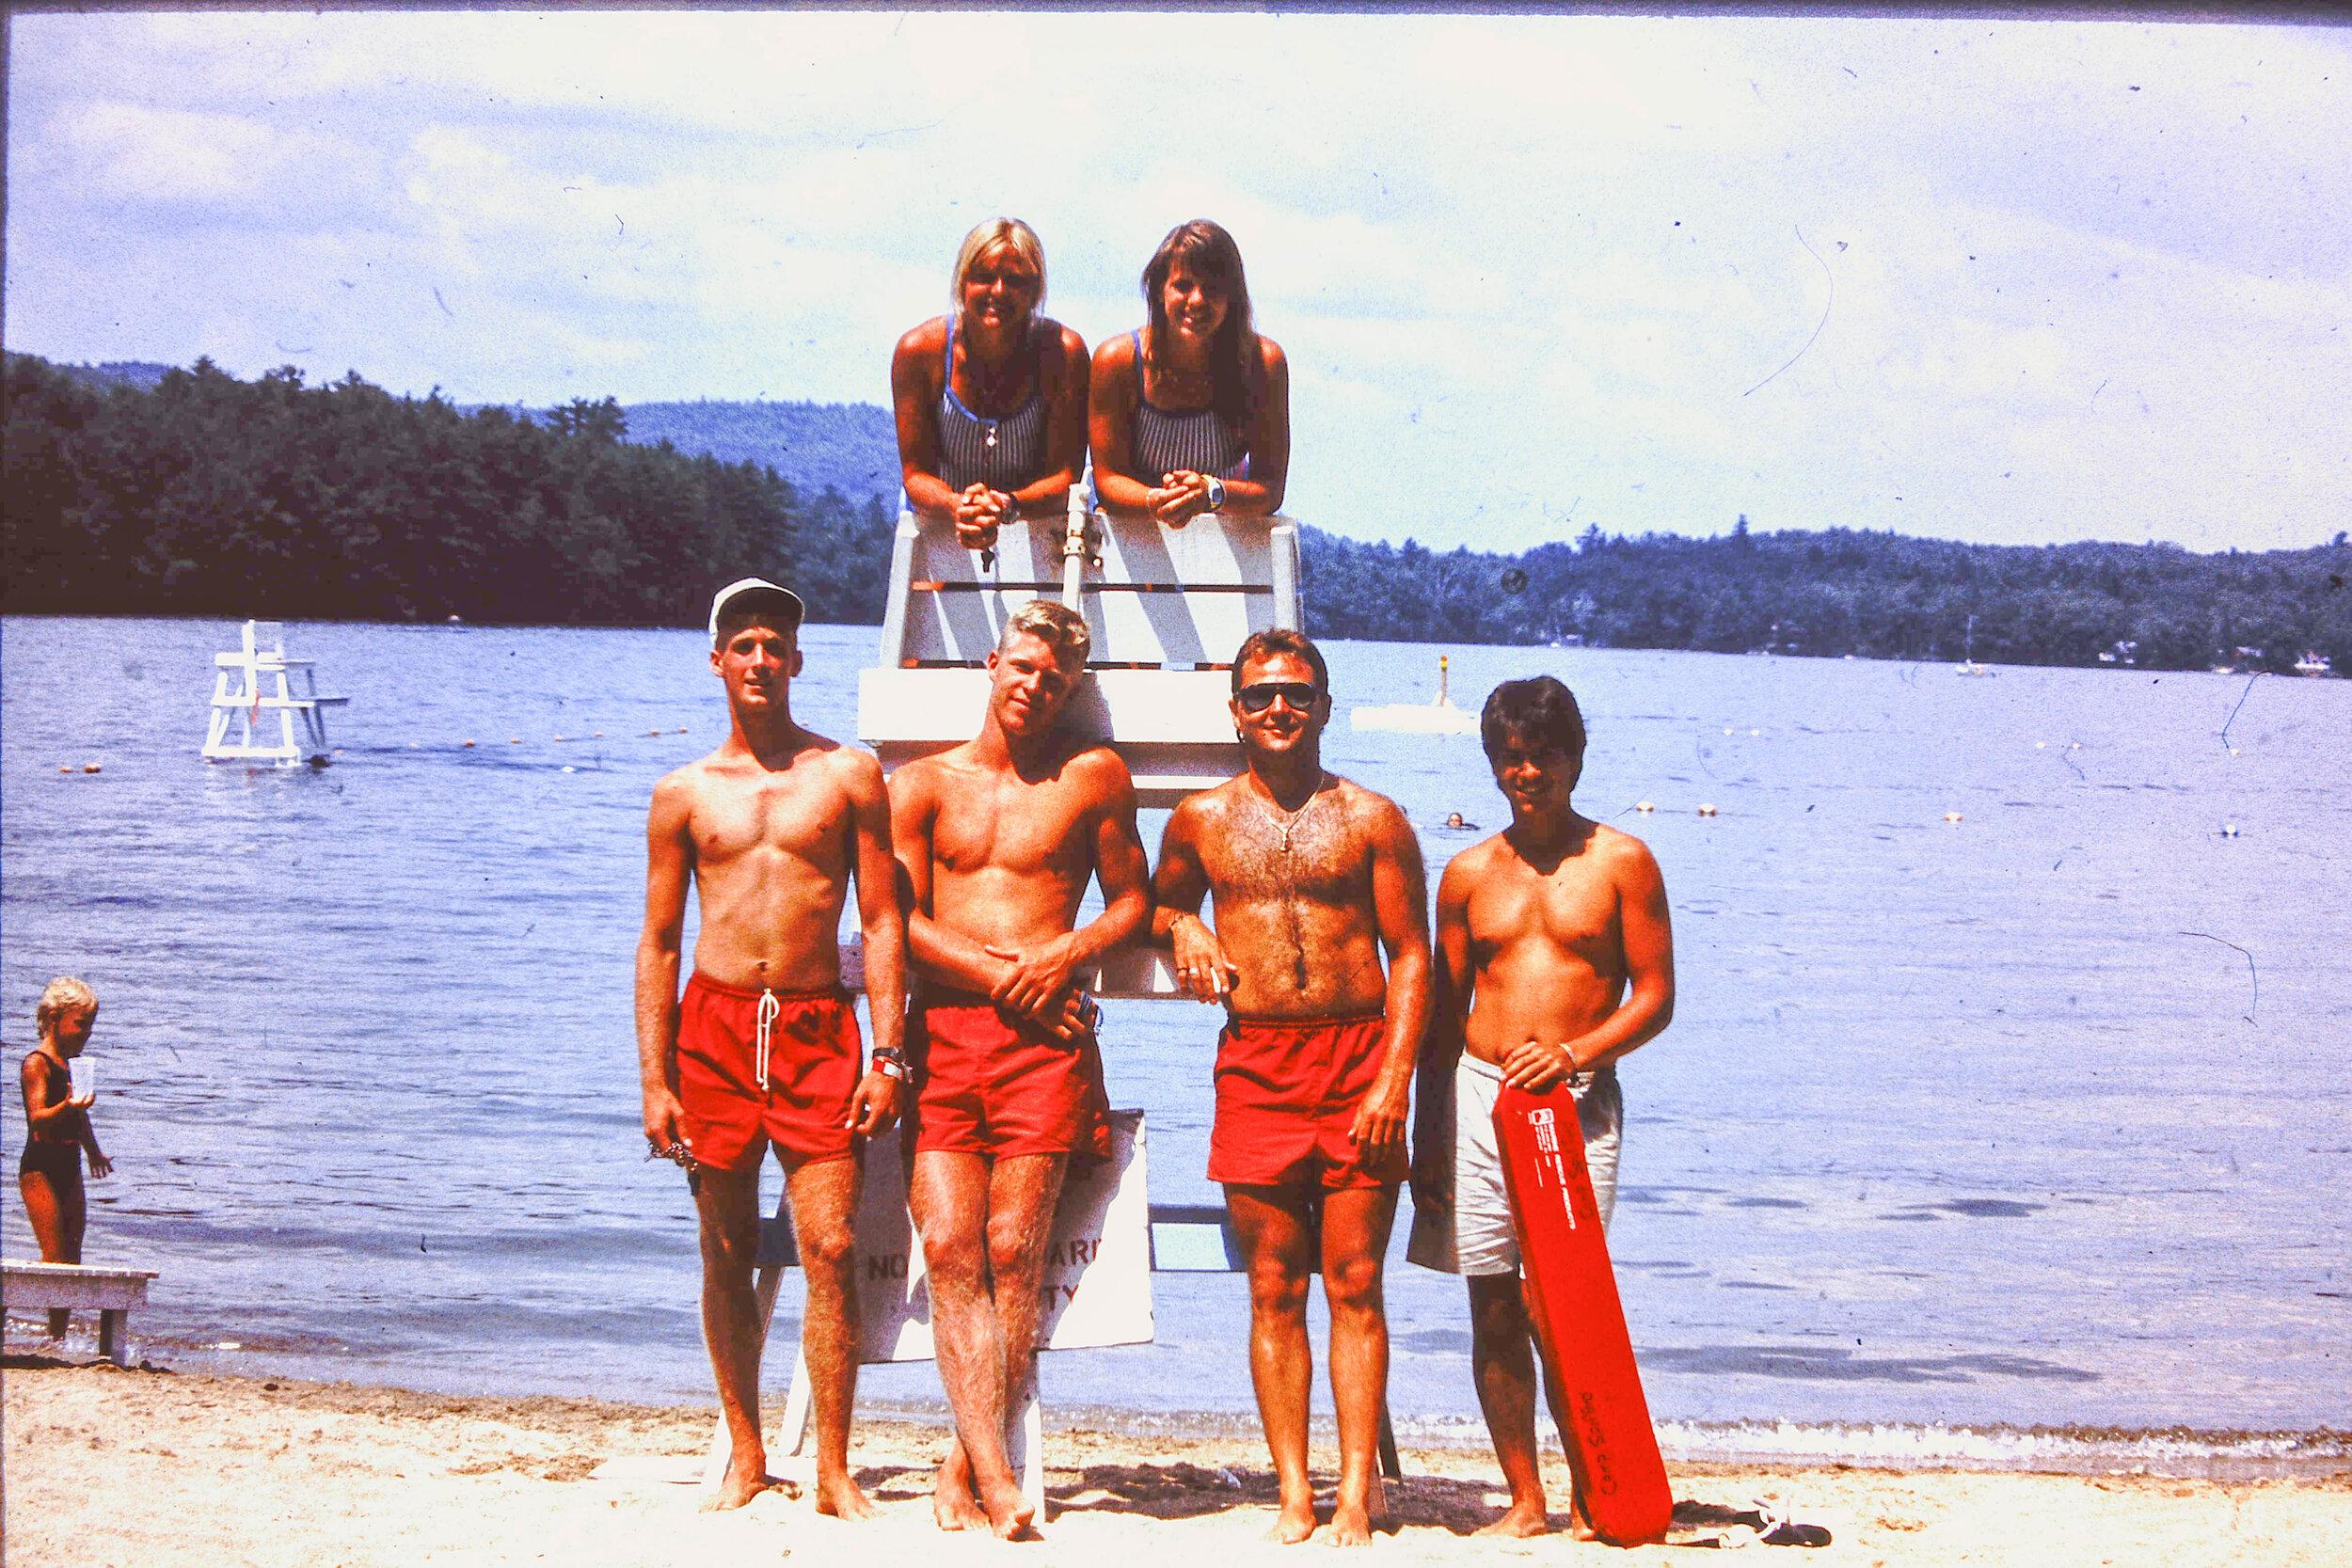 90s_lifeguards.jpg